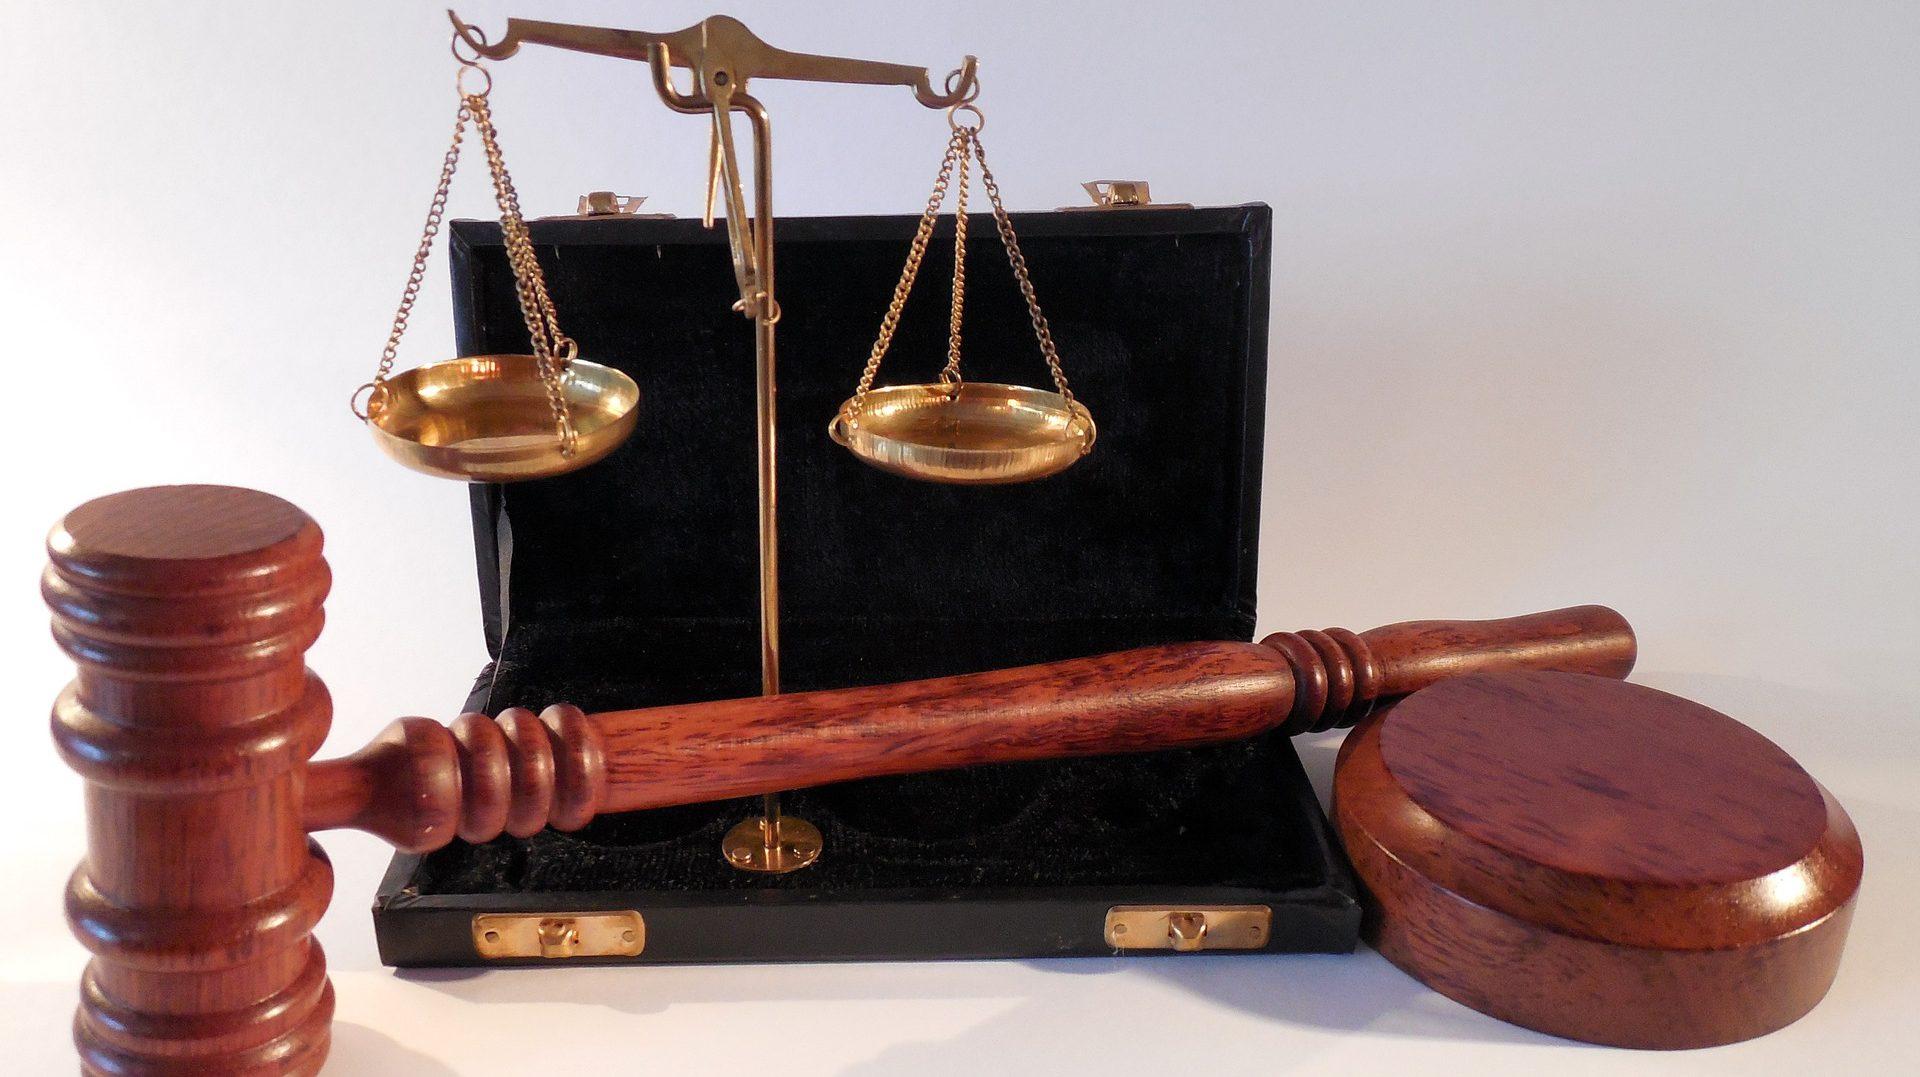 Sprawy gospodarcze będą rozstrzygane w specjalnym trybie. Ma to przyśpieszyć procesy sądowe